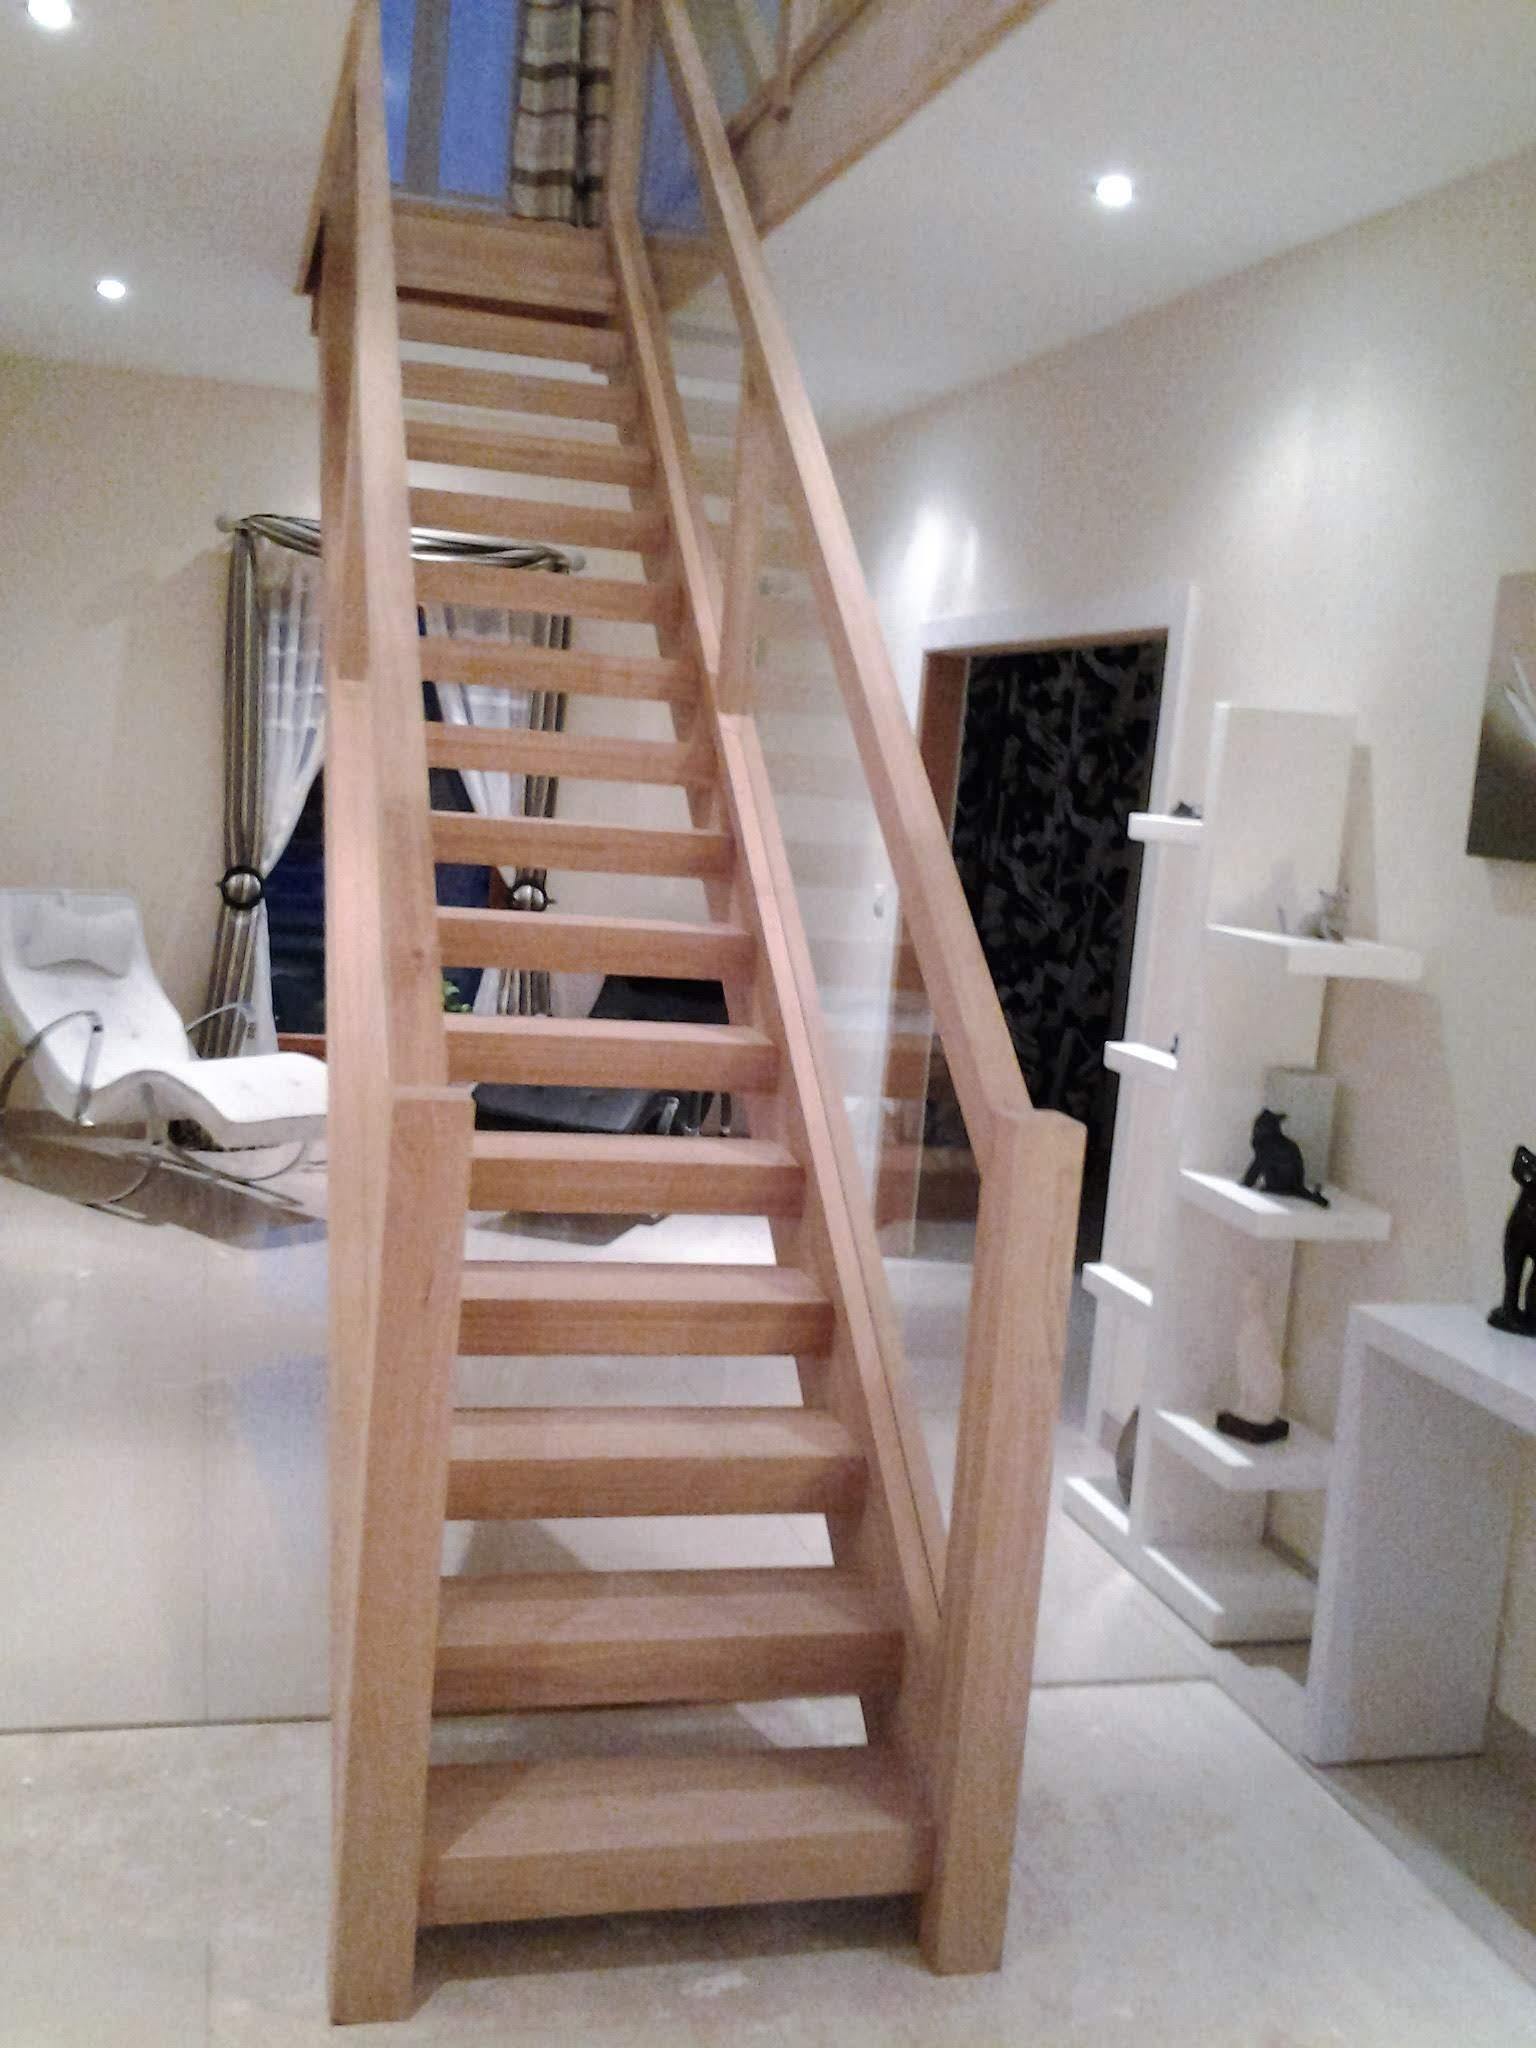 Escalier de bois intérieur